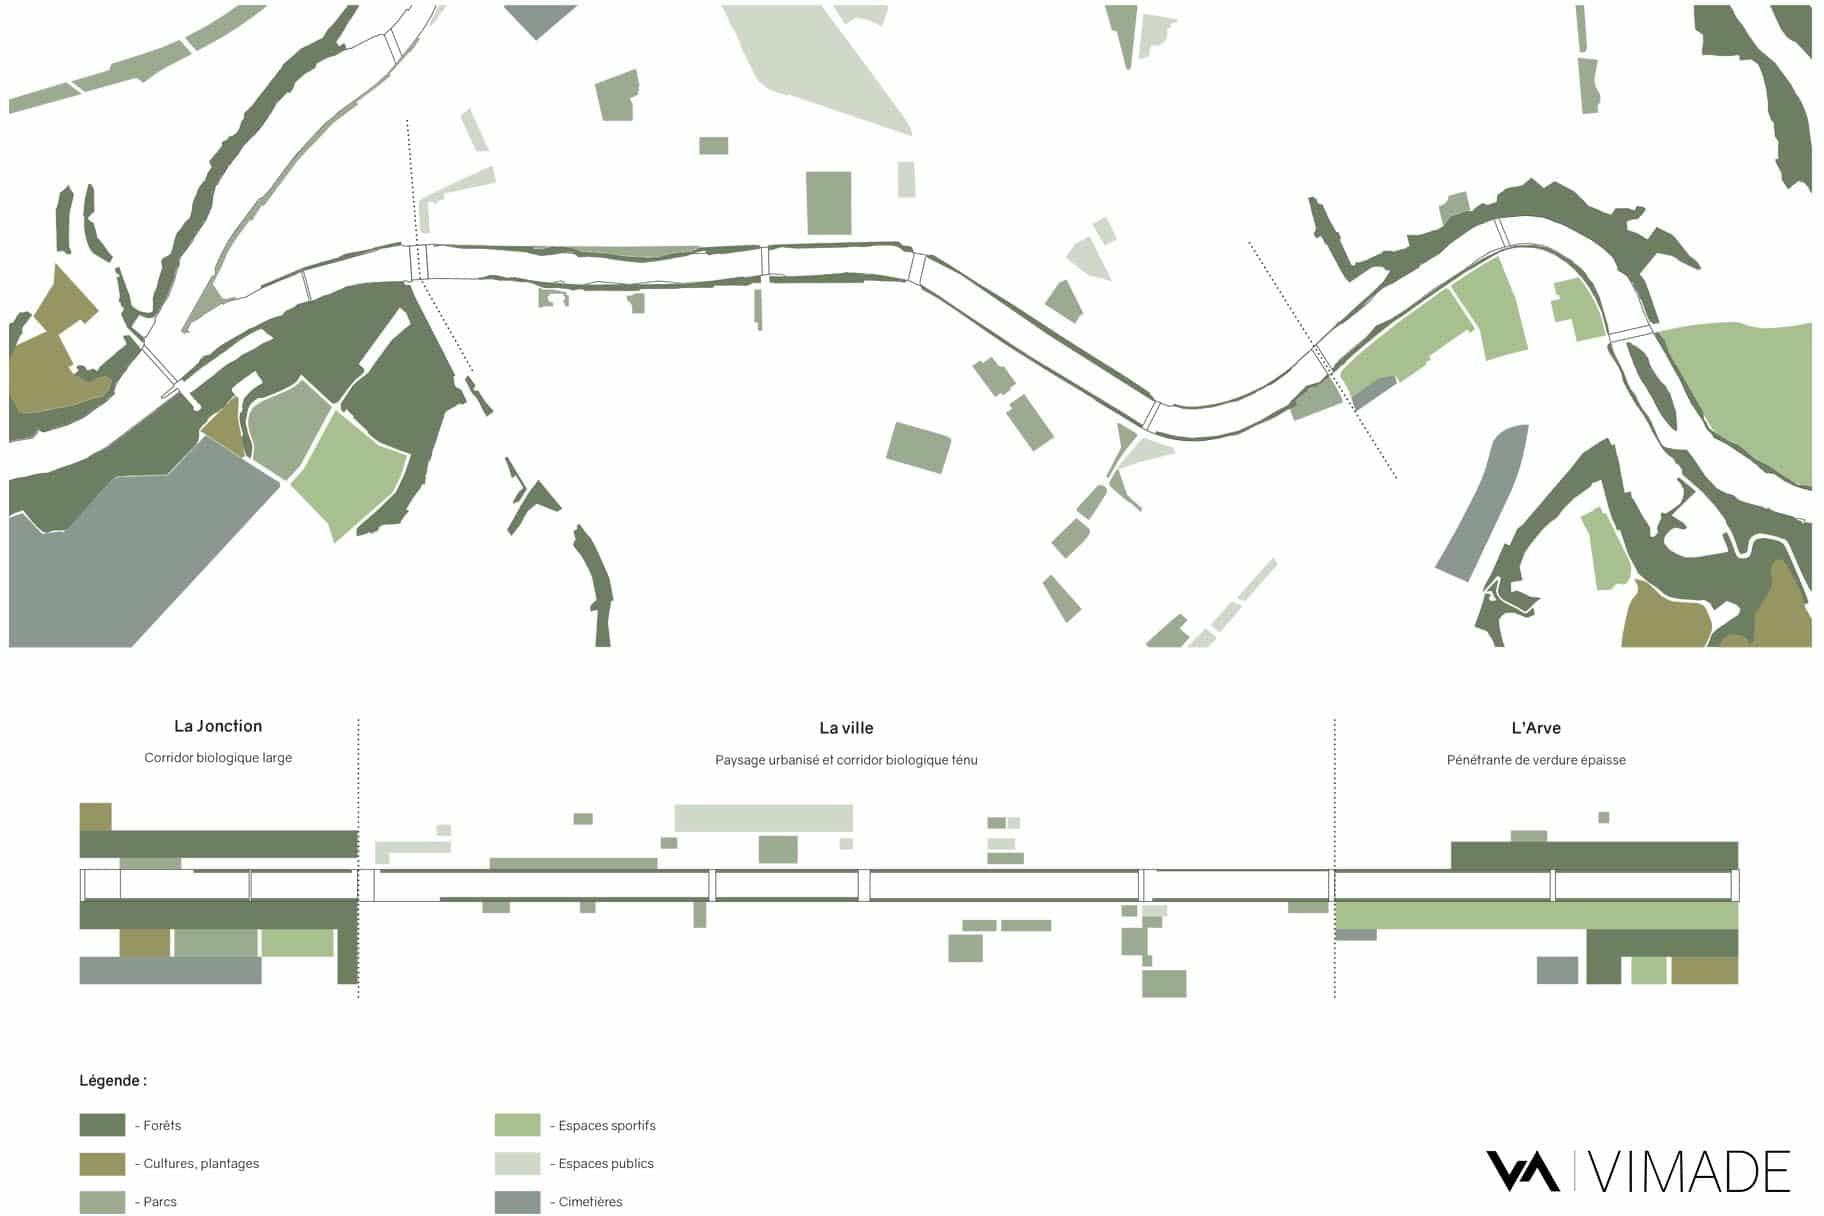 etude-territoriale-paysagère-geneve-arve-penetrante-verdure-urbanisme-trame-architecture-paysage-vimade-architectes-paysagistes-associés